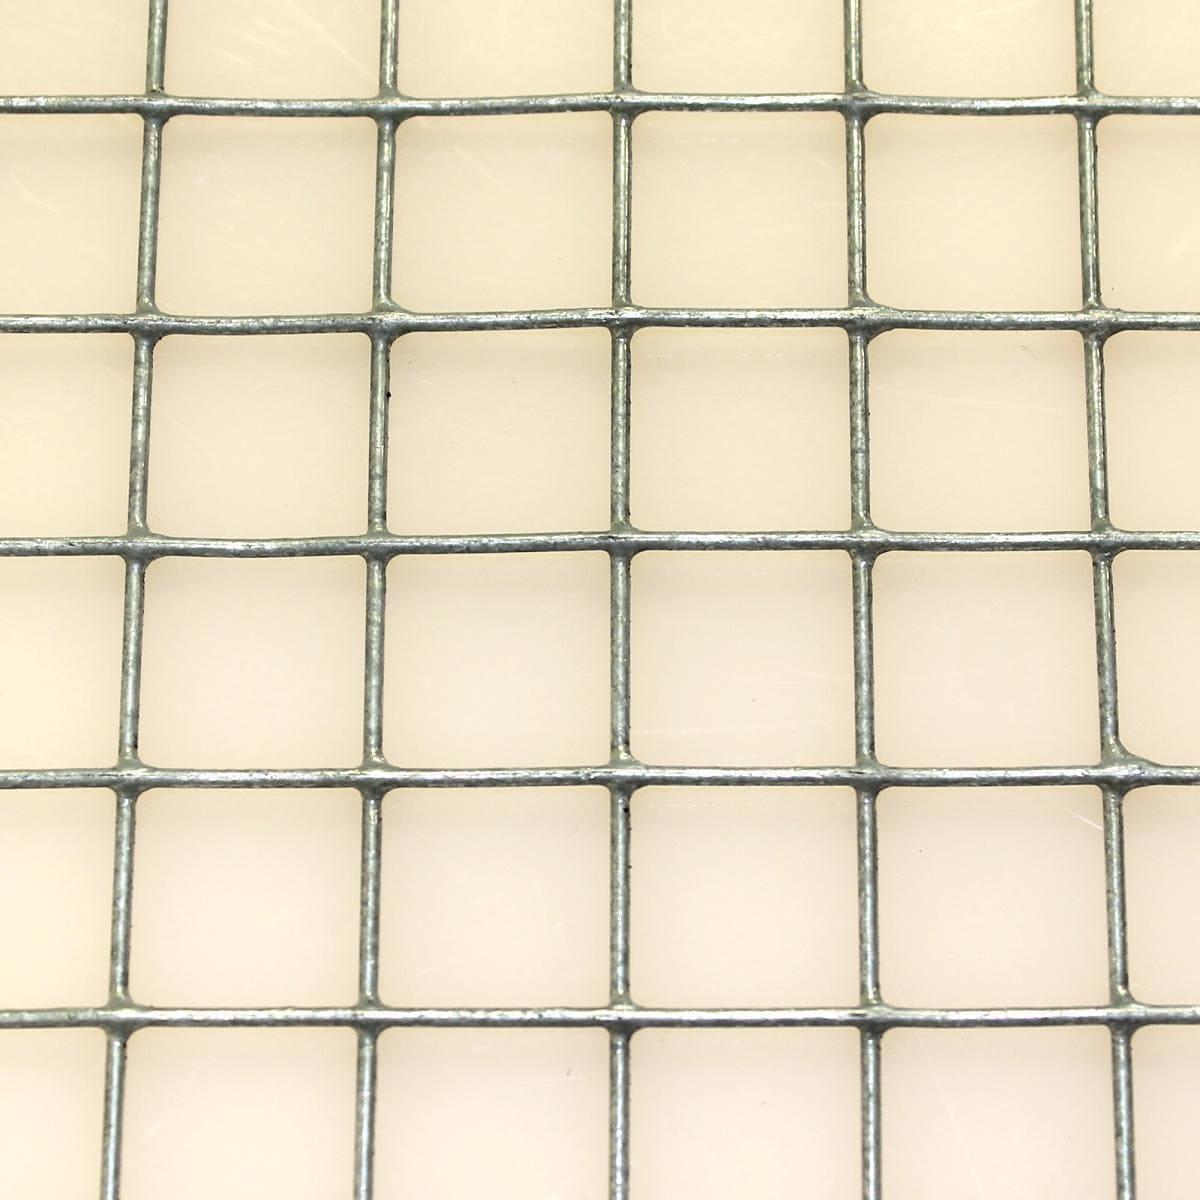 volierendraht 19 0x19 0x1 45x0600 mm zuschnitt volierendraht 19 0x19 0x1 45x0600 mm. Black Bedroom Furniture Sets. Home Design Ideas